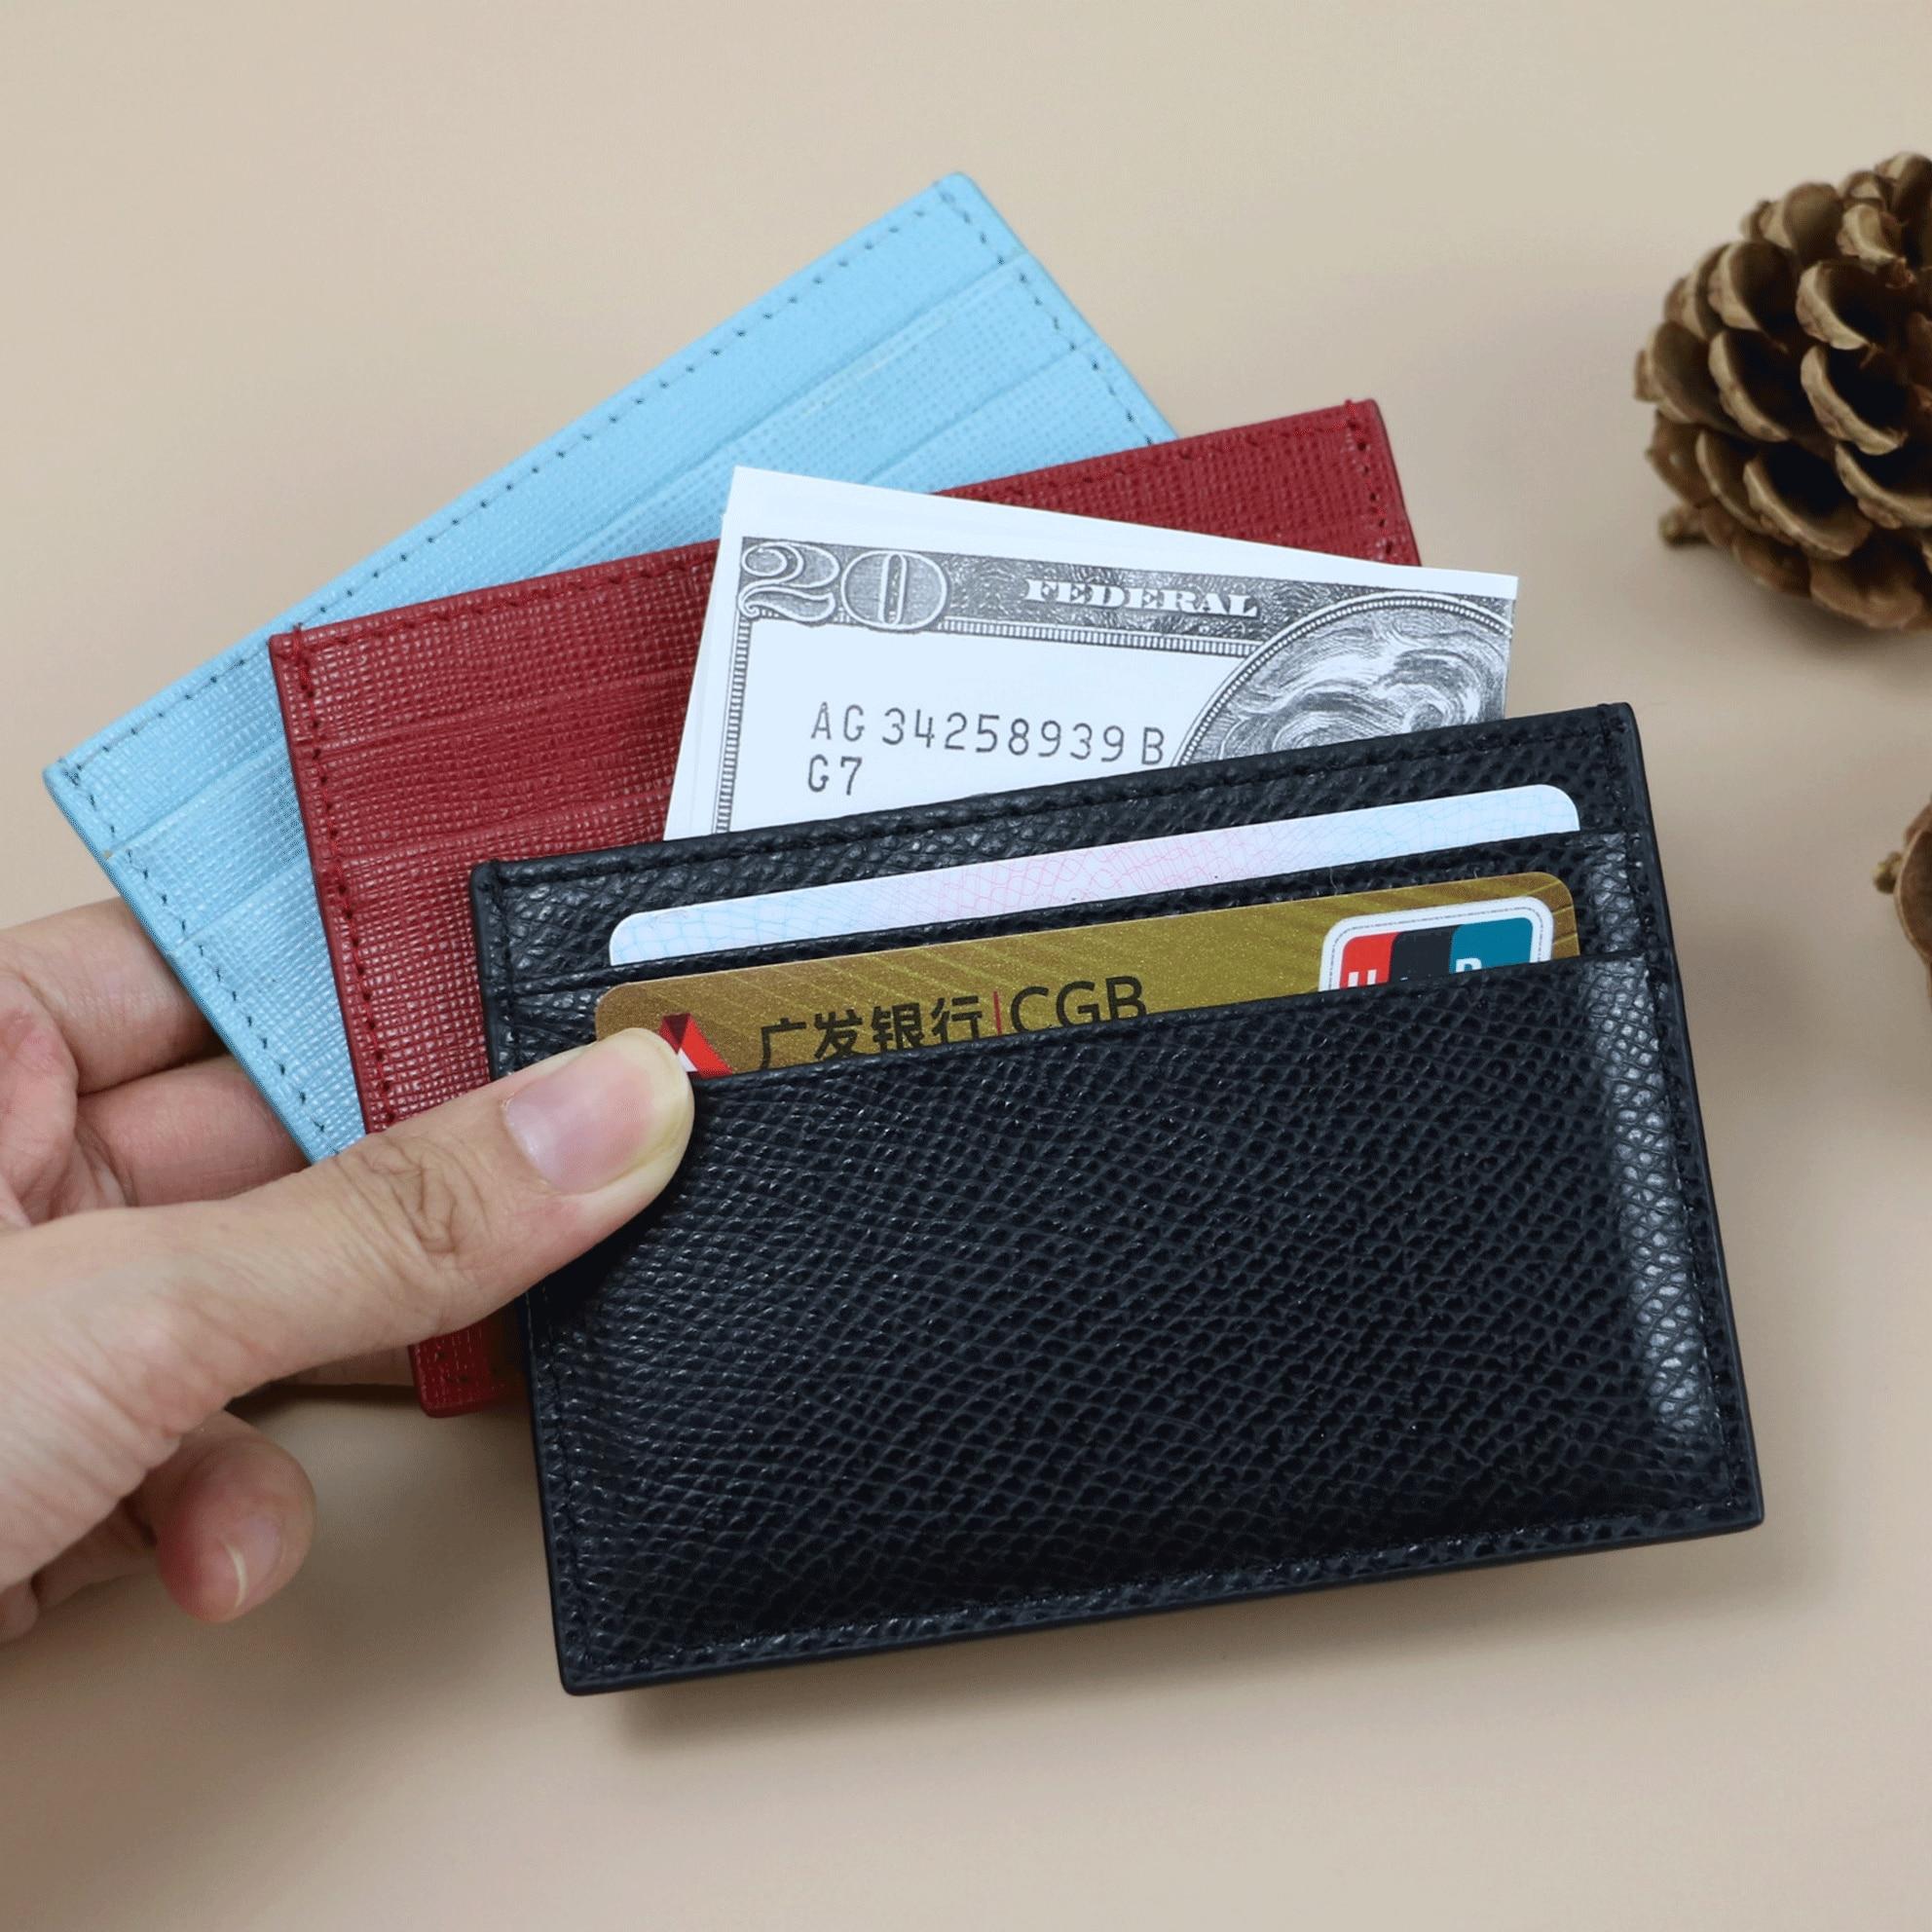 Tarjetero de cuero con iniciales personalizadas para hombre y mujer, tarjetero de moda para tarjetas de crédito y de identificación, bolsita monedero para hombre